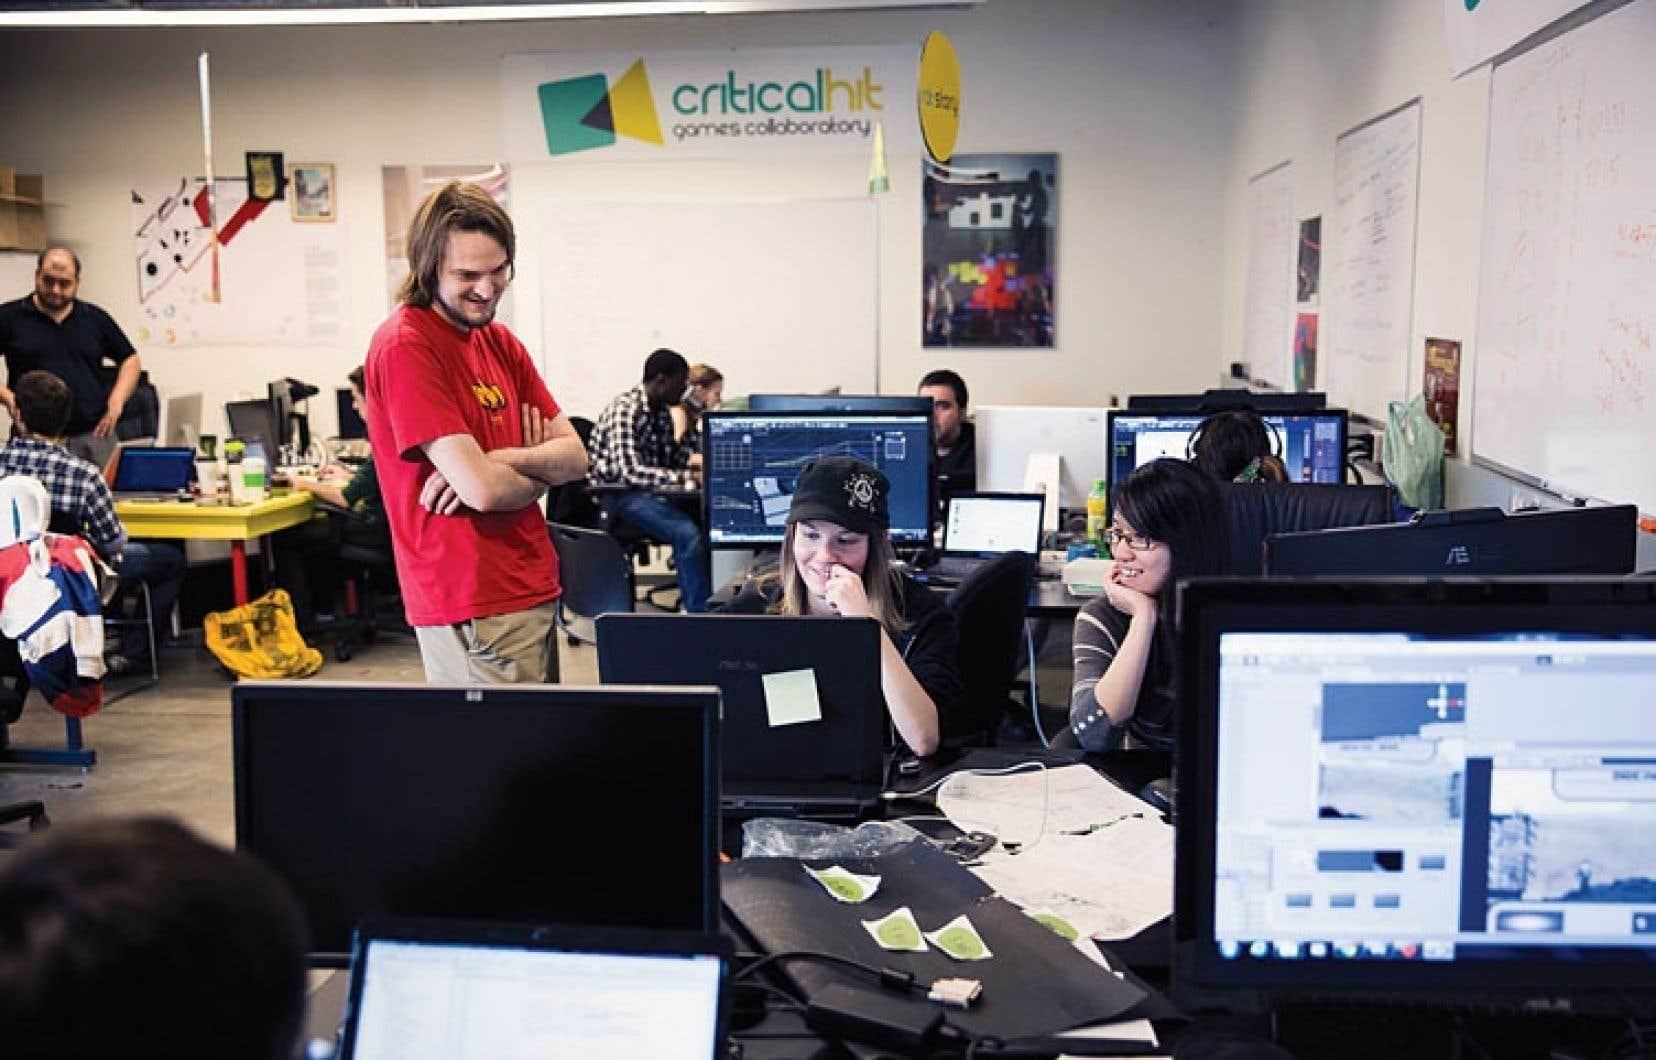 Des diplômés en jeu vidéo, des étudiants en histoire ou en science politique : la quinzaine de jeunes créateurs du programme travaille sur des jeux vidéo socialement responsables.